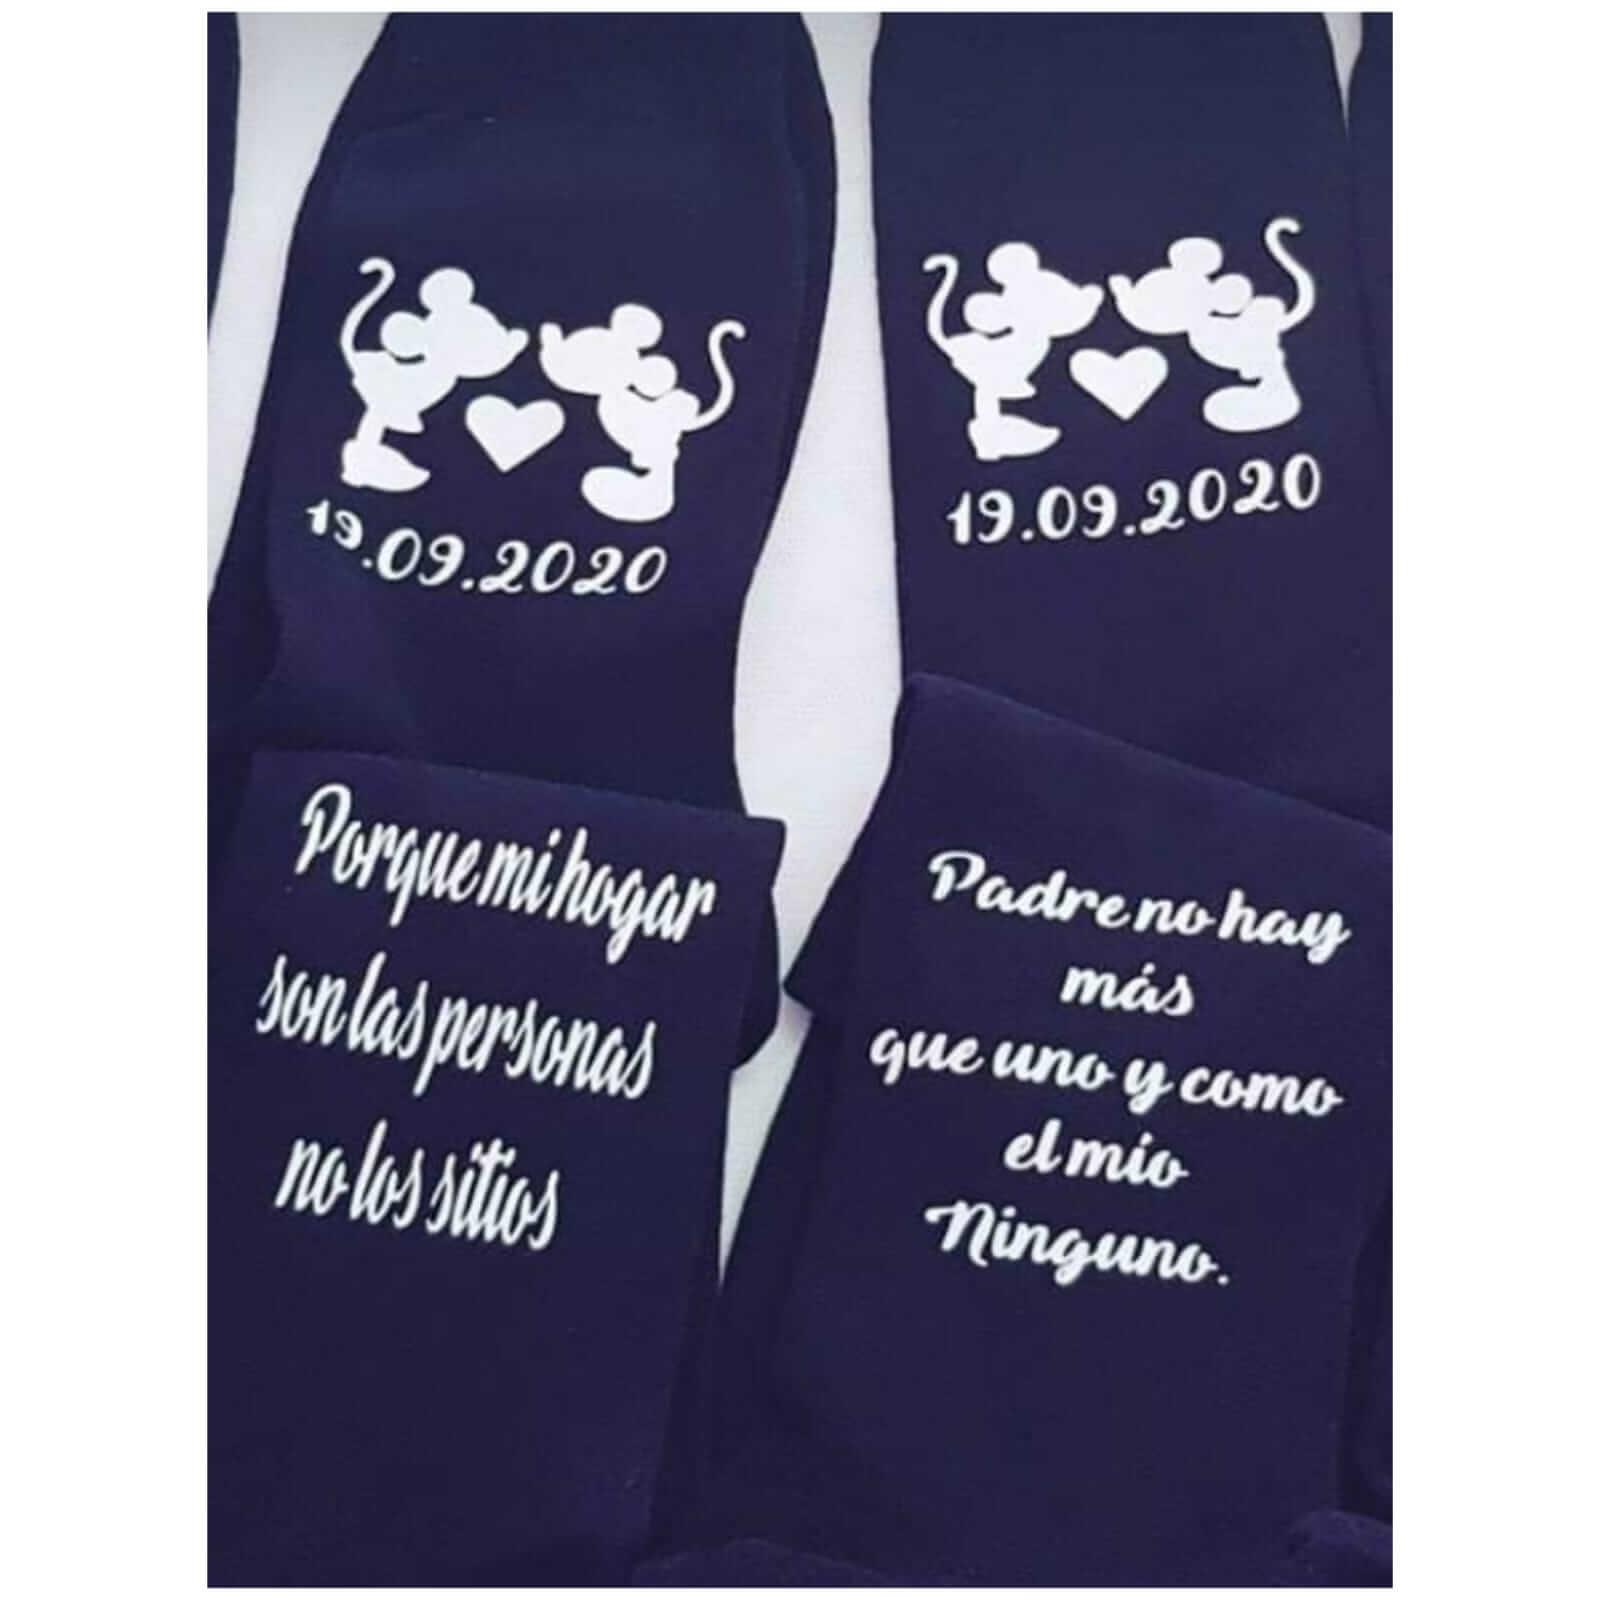 calcetines originales regalos personalizados porlanovia calcetines originales - calcetines originales regalos personalizados porlanovia 5 - calcetines originales regalos personalizados porlanovia